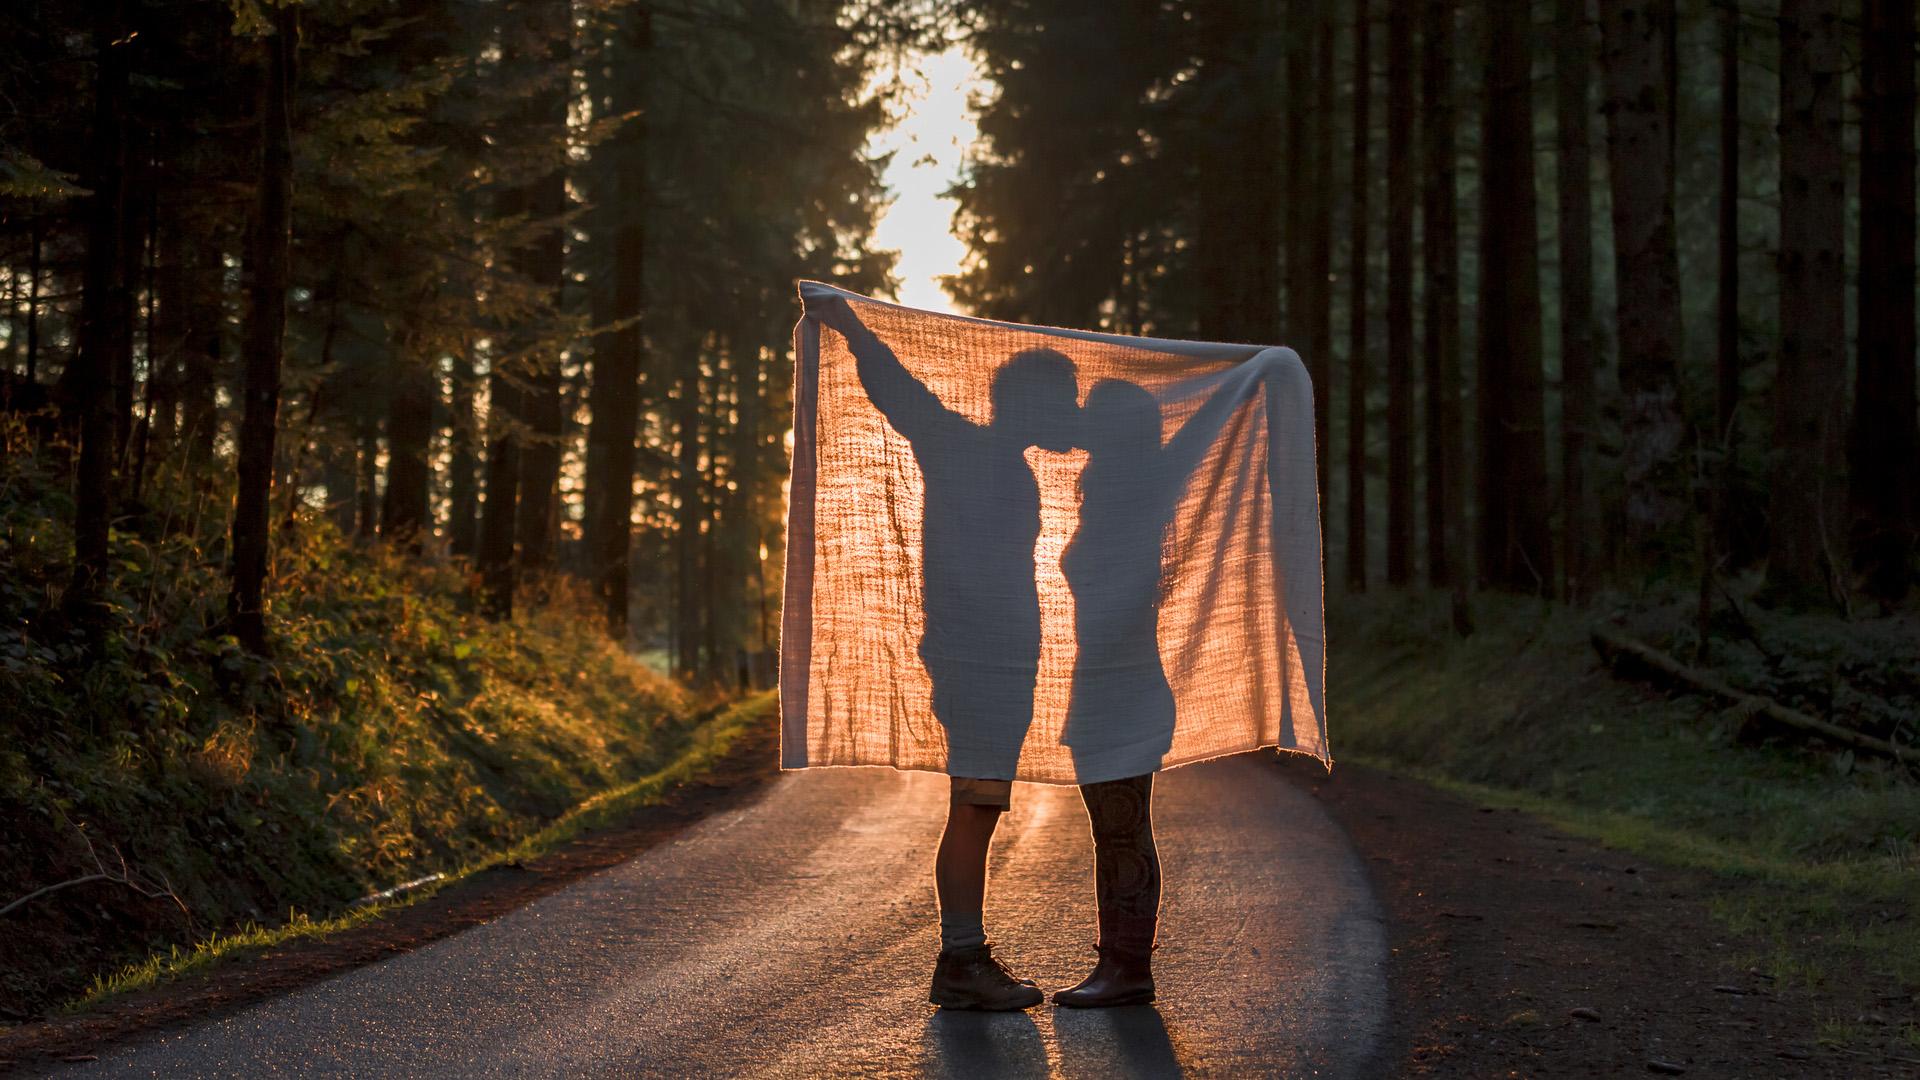 Erdőben szeretkezni? 10 ezrekbe fájhat a bünti